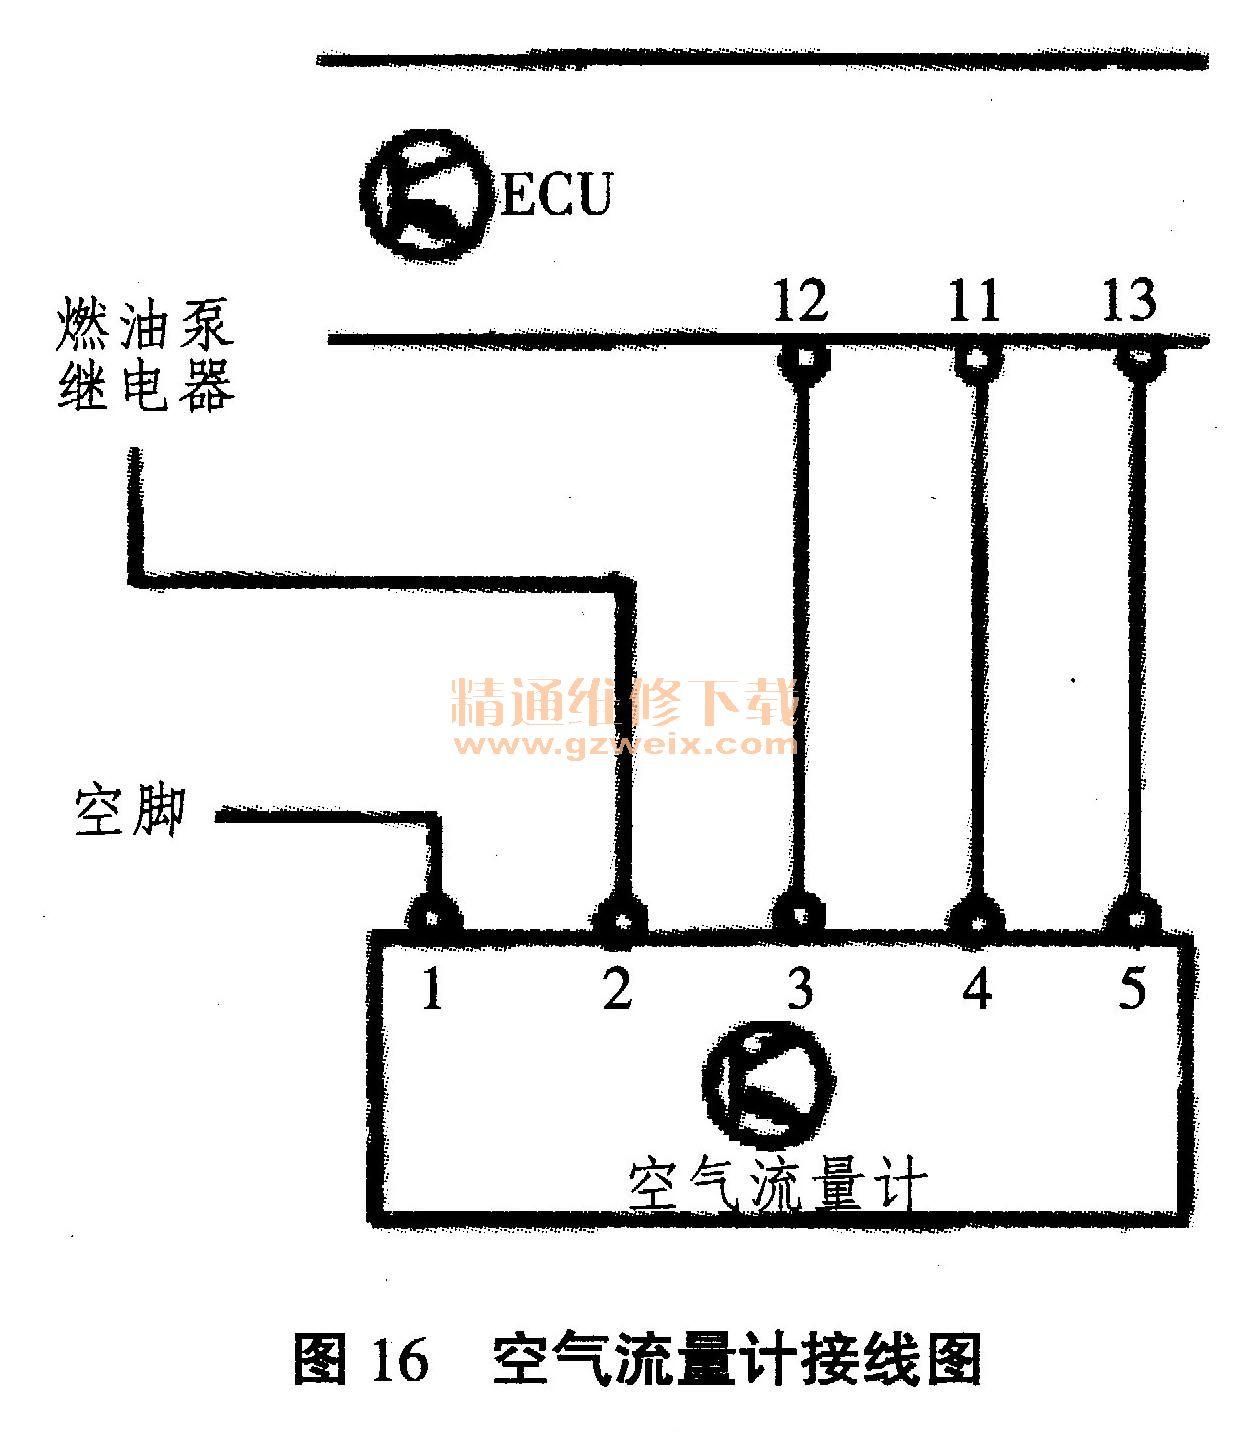 点火终端能量输出极(功率输出极)根据发动机ECU指令控制2个点火线圈一次侧的通电和断电,从而在点火线圈二次侧产生点火高压。图14所示为双火花点火线圈工作原理。一次侧初级线圈断开,在二次侧次级线圈中感应产生高压,次级线圈有2个输出端,4a和4b,各自连接1个火花塞。点火时2个缸火花塞同时串联点火,一个气缸处在排气行程末,另一个气缸处在压缩行程末。在排气行程末时气缸内压力较低,火花塞击穿电压也较低,对另一个火花影响不大,它既不能点燃残余废气,也不能点燃新鲜的进气。在压缩行程末的火花则点燃了混合气。  10.